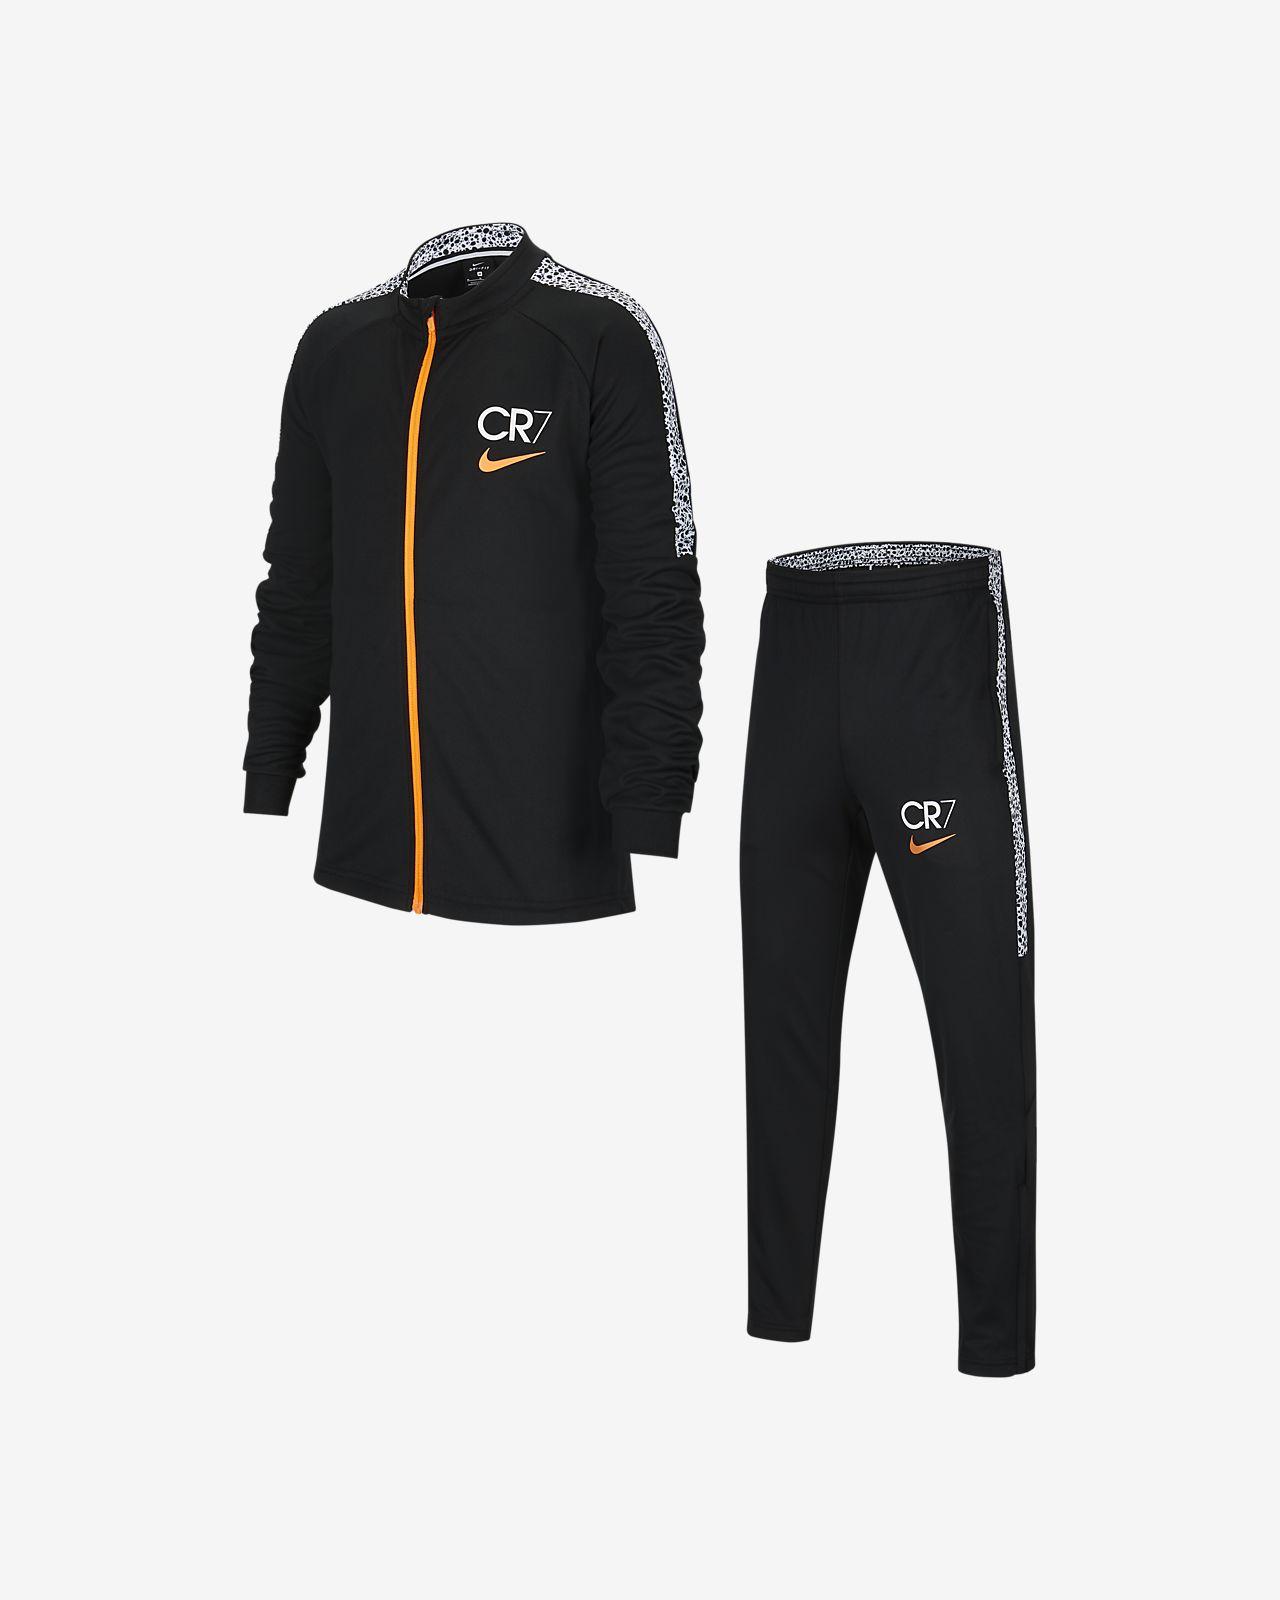 Survêtement de football en maille Nike Dri-FIT CR7 pour Enfant plus âgé